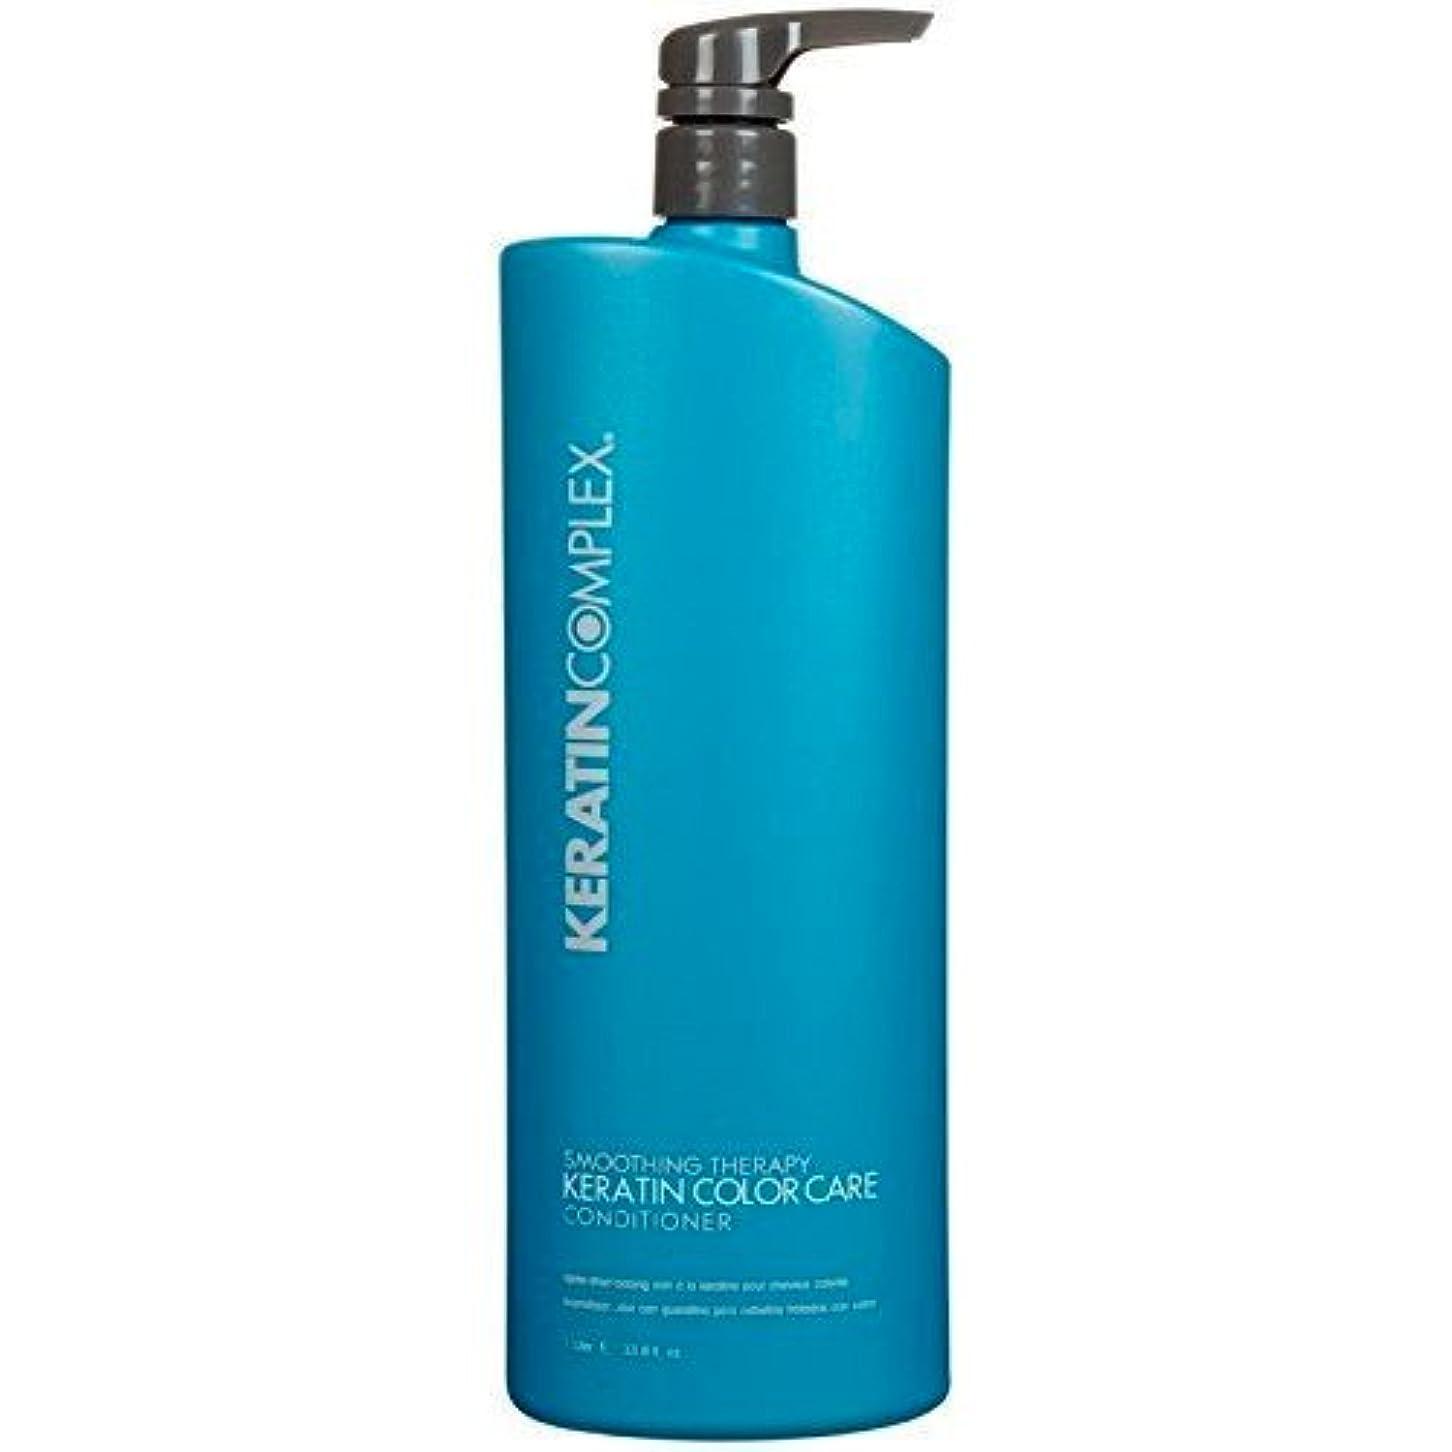 医療過誤お嬢放映ケラチンコンプレックス Smoothing Therapy Keratin Color Care Conditioner (For All Hair Types) 1000ml